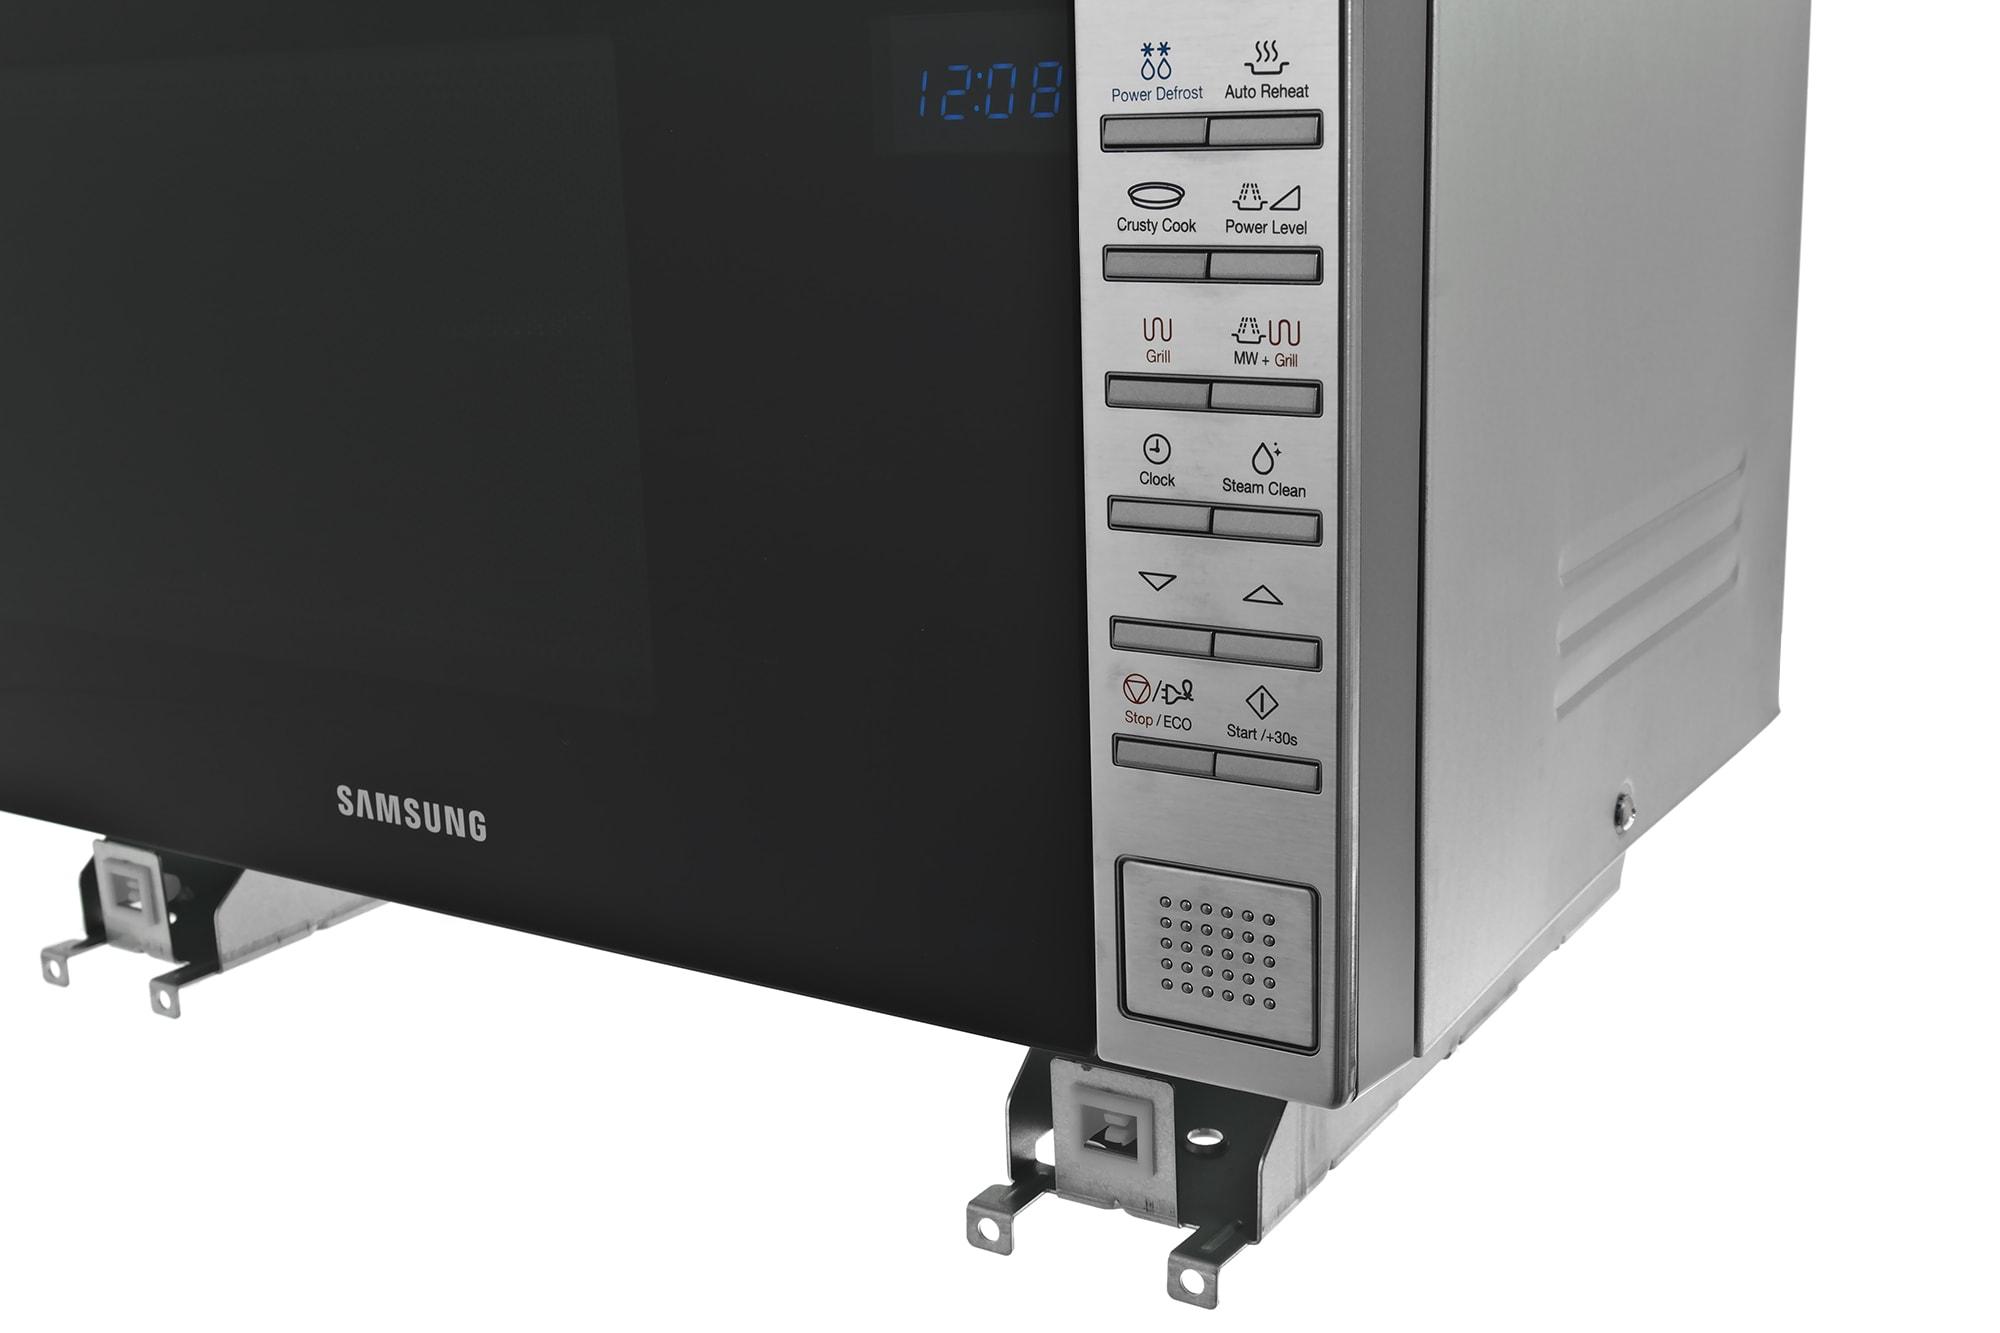 Samsung FG87SUST design